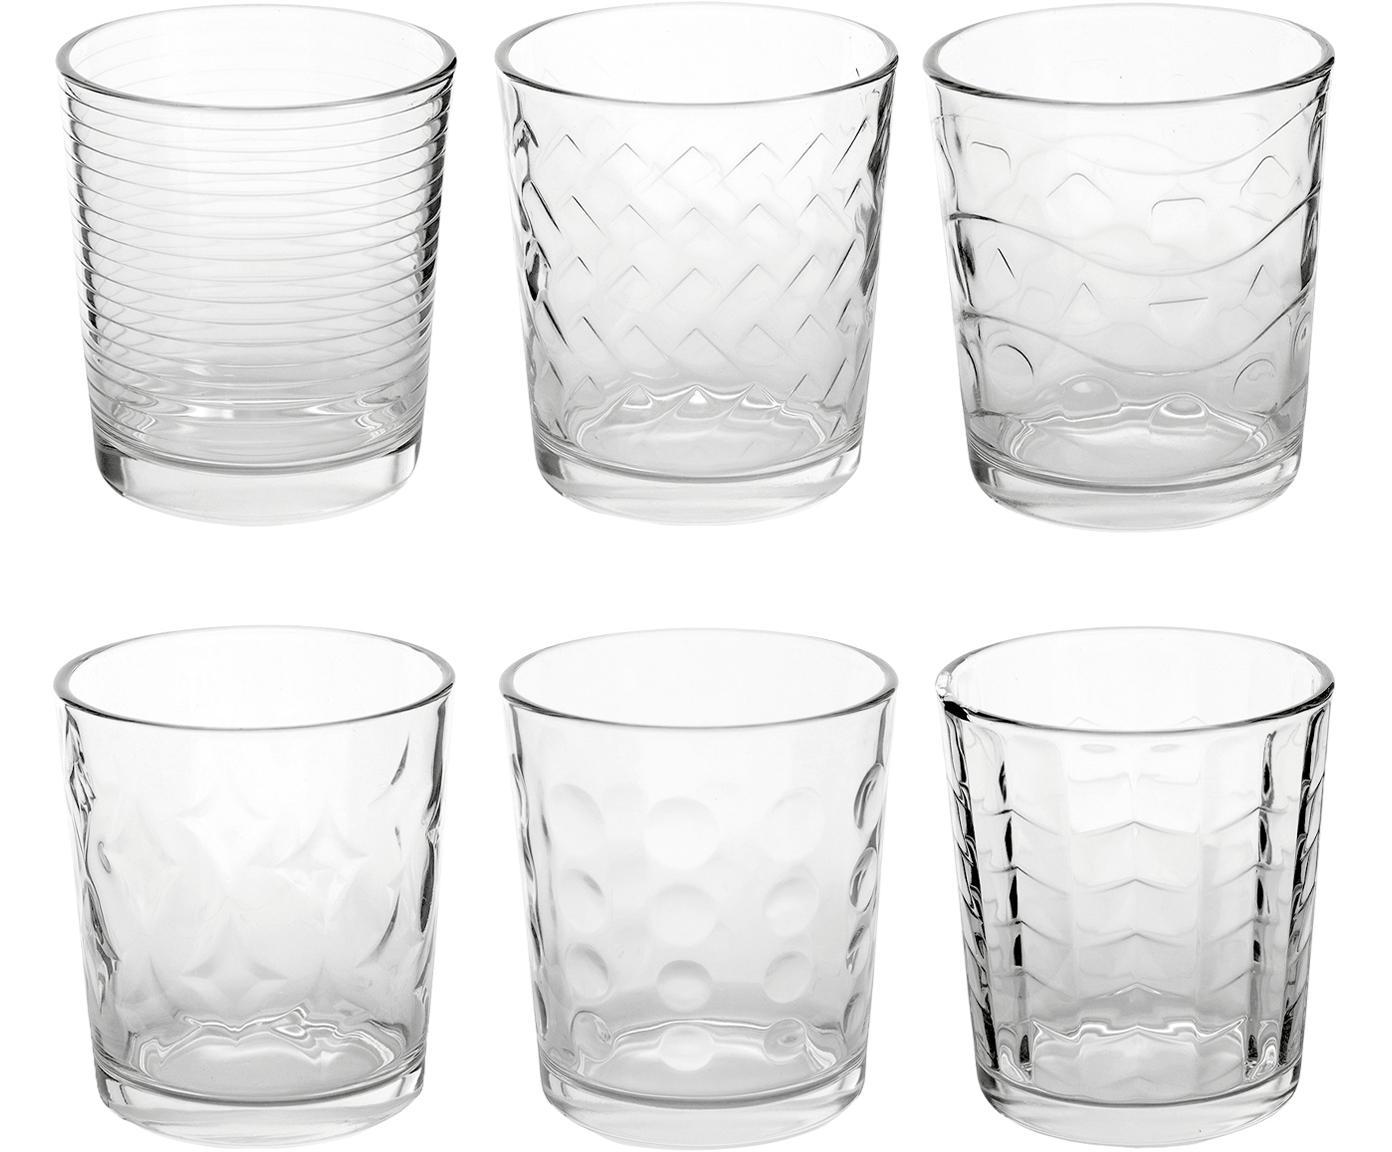 Wassergläser-Set Clear mit verschiedenen Strukturmustern, 6er-Set, Glas, Transparent, Ø 9 x H 10 cm